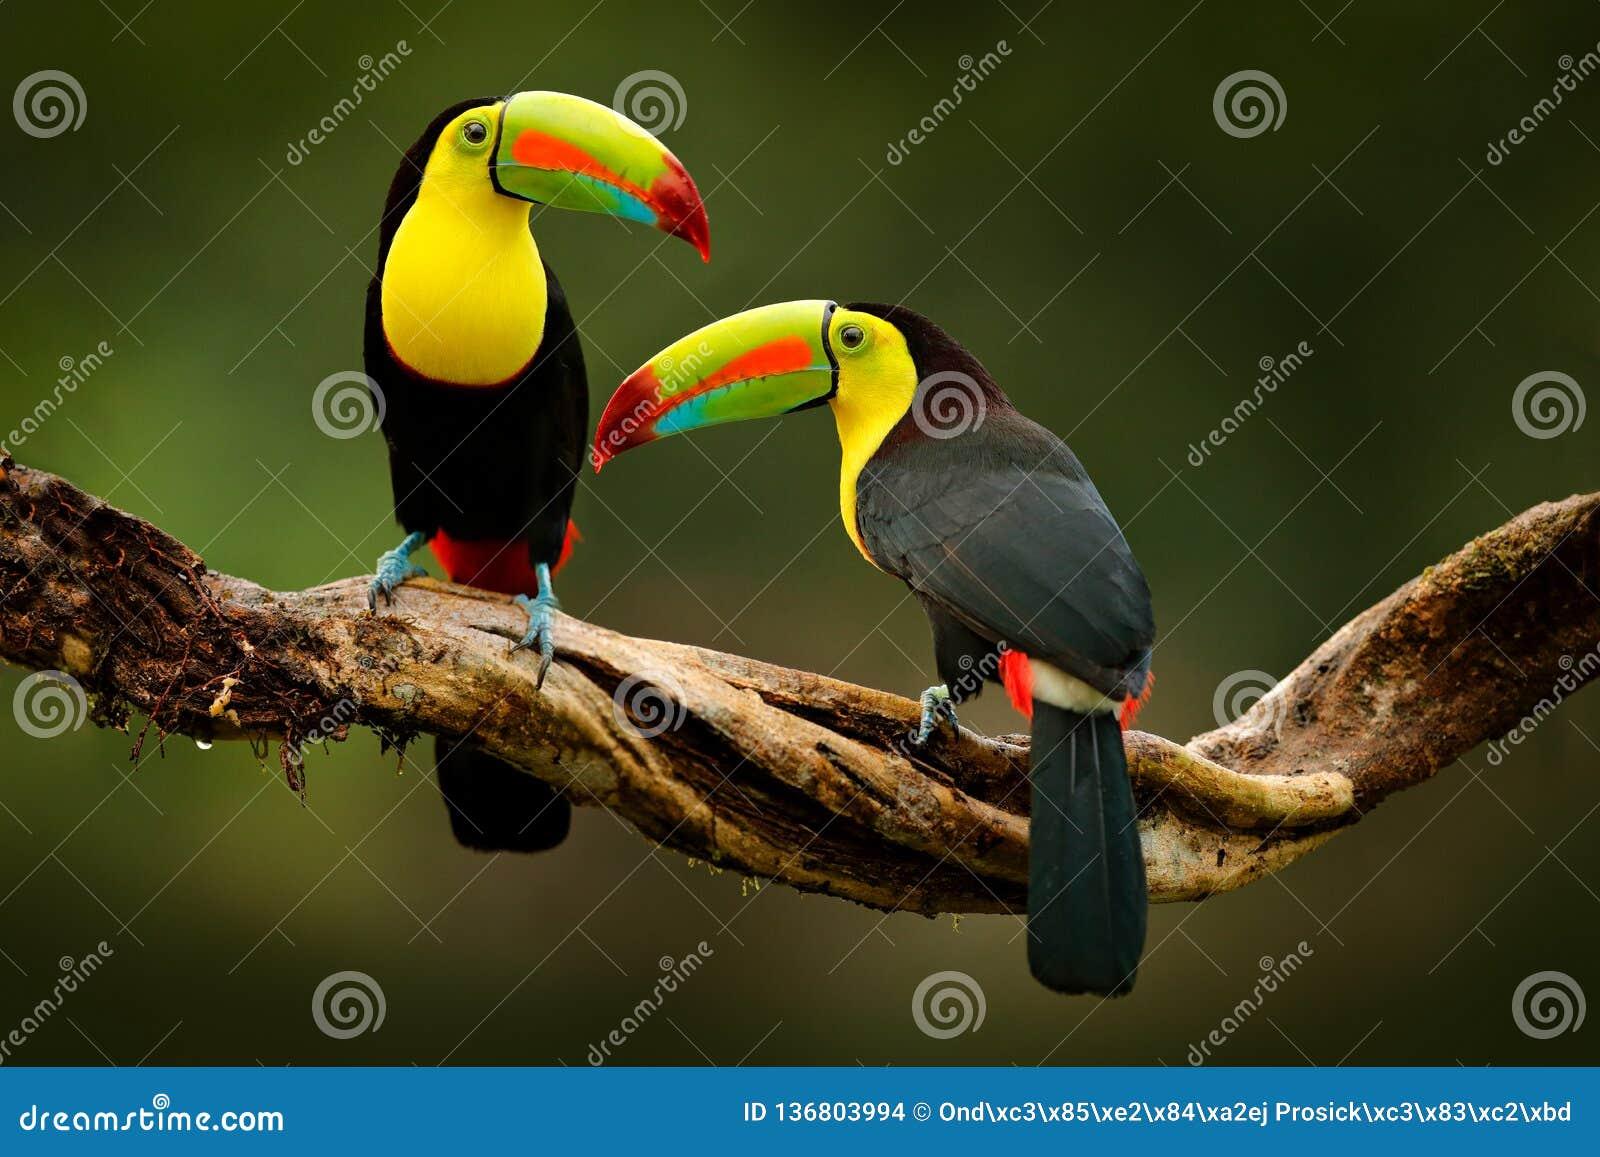 Συνεδρίαση Toucan στον κλάδο στη δασική, πράσινη βλάστηση, Κόστα Ρίκα Ταξίδι φύσης στην Κεντρική Αμερική Δύο καρίνα-τιμολογημένο